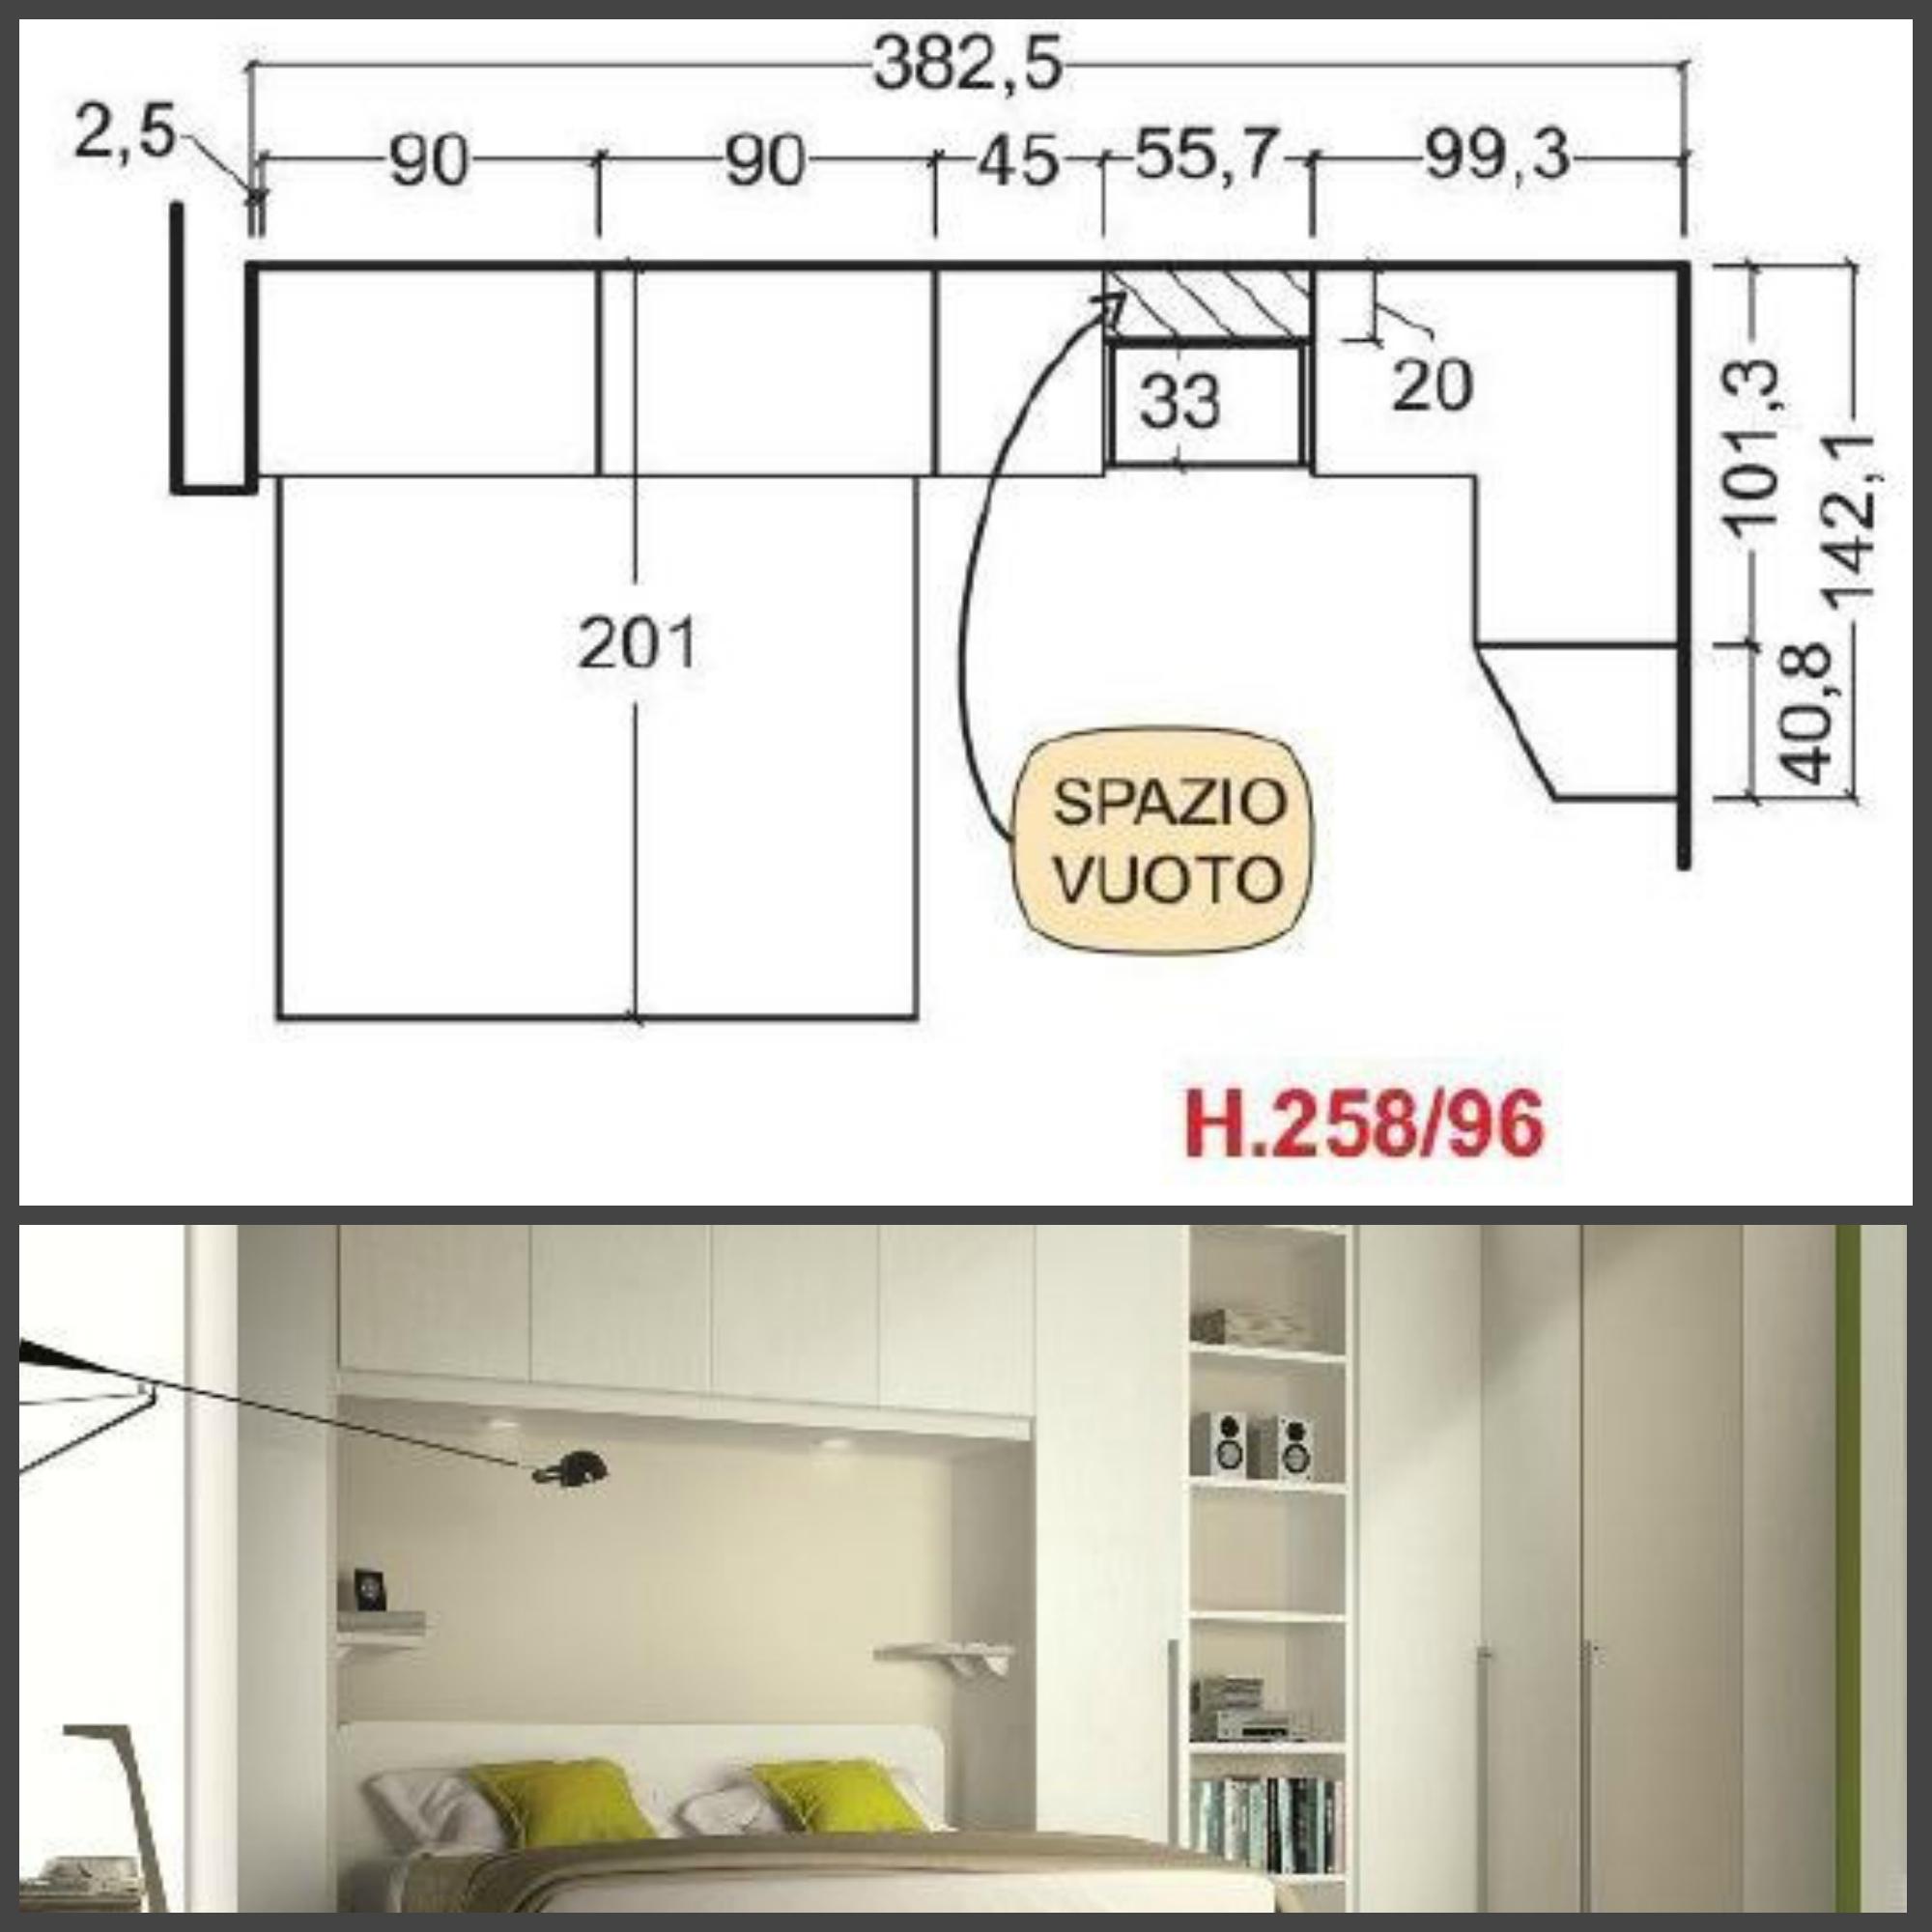 Stunning planimetria camera da letto ideas idee arredamento casa - Camera da letto con cabina armadio e bagno ...